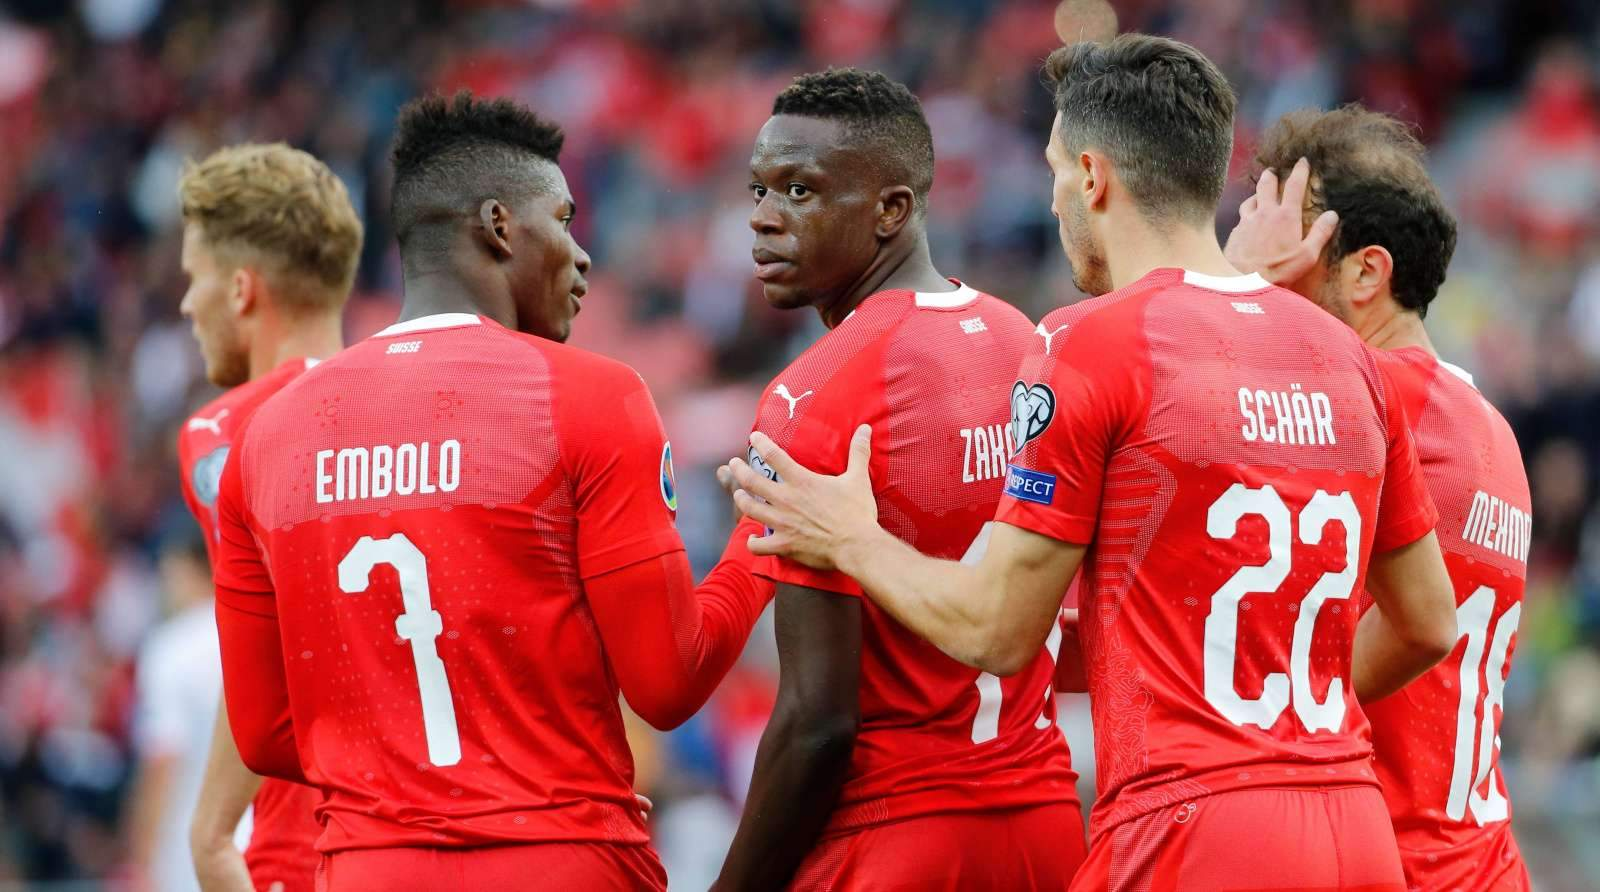 Сборная Швейцарии добыла волевую победу в матче с командой США